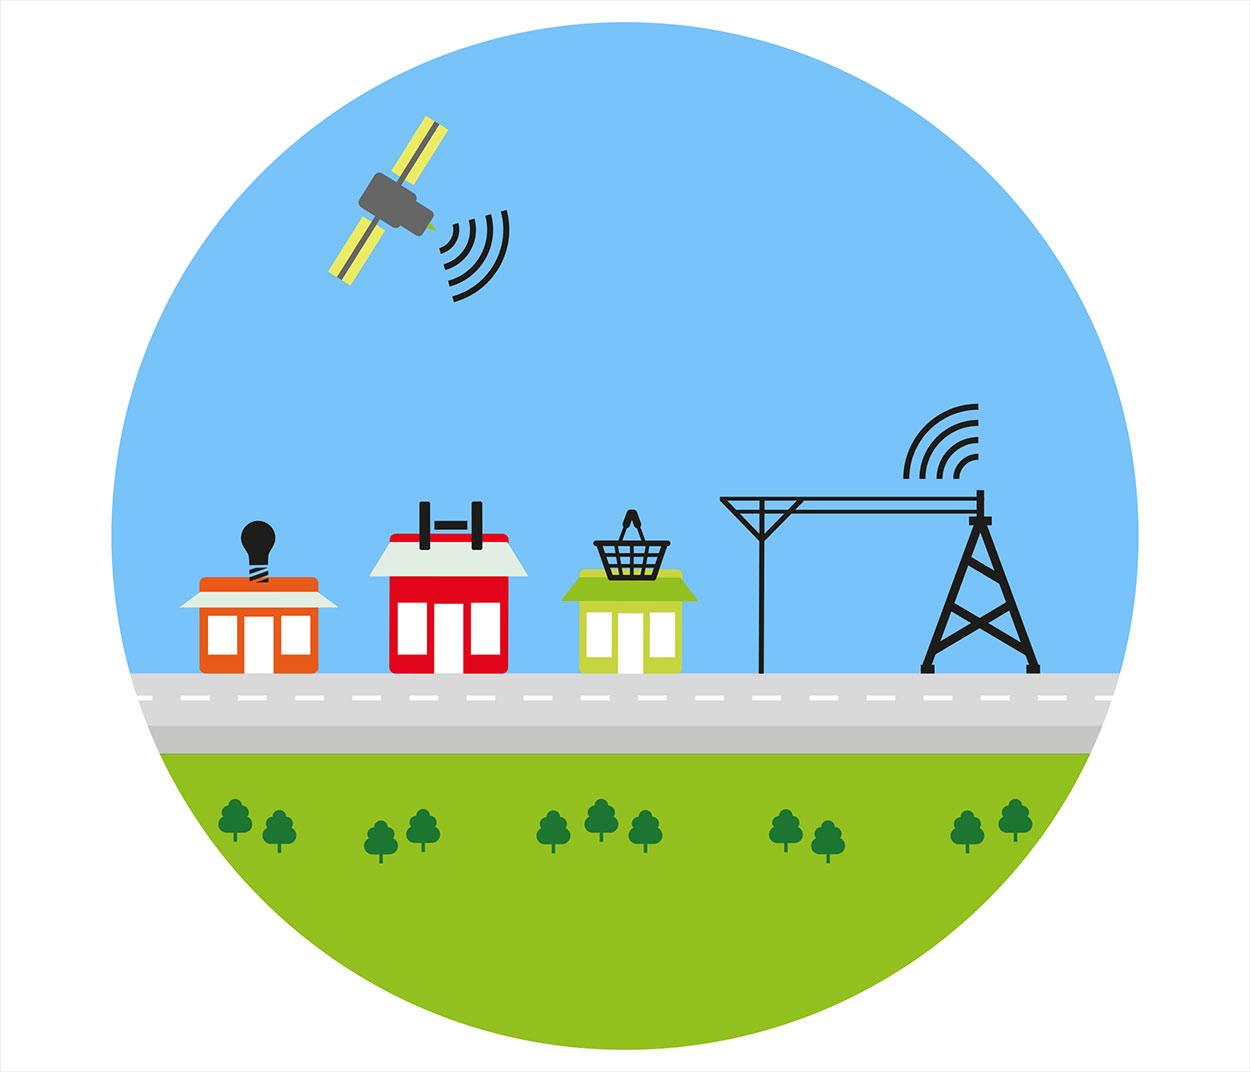 kinex Telecoms World